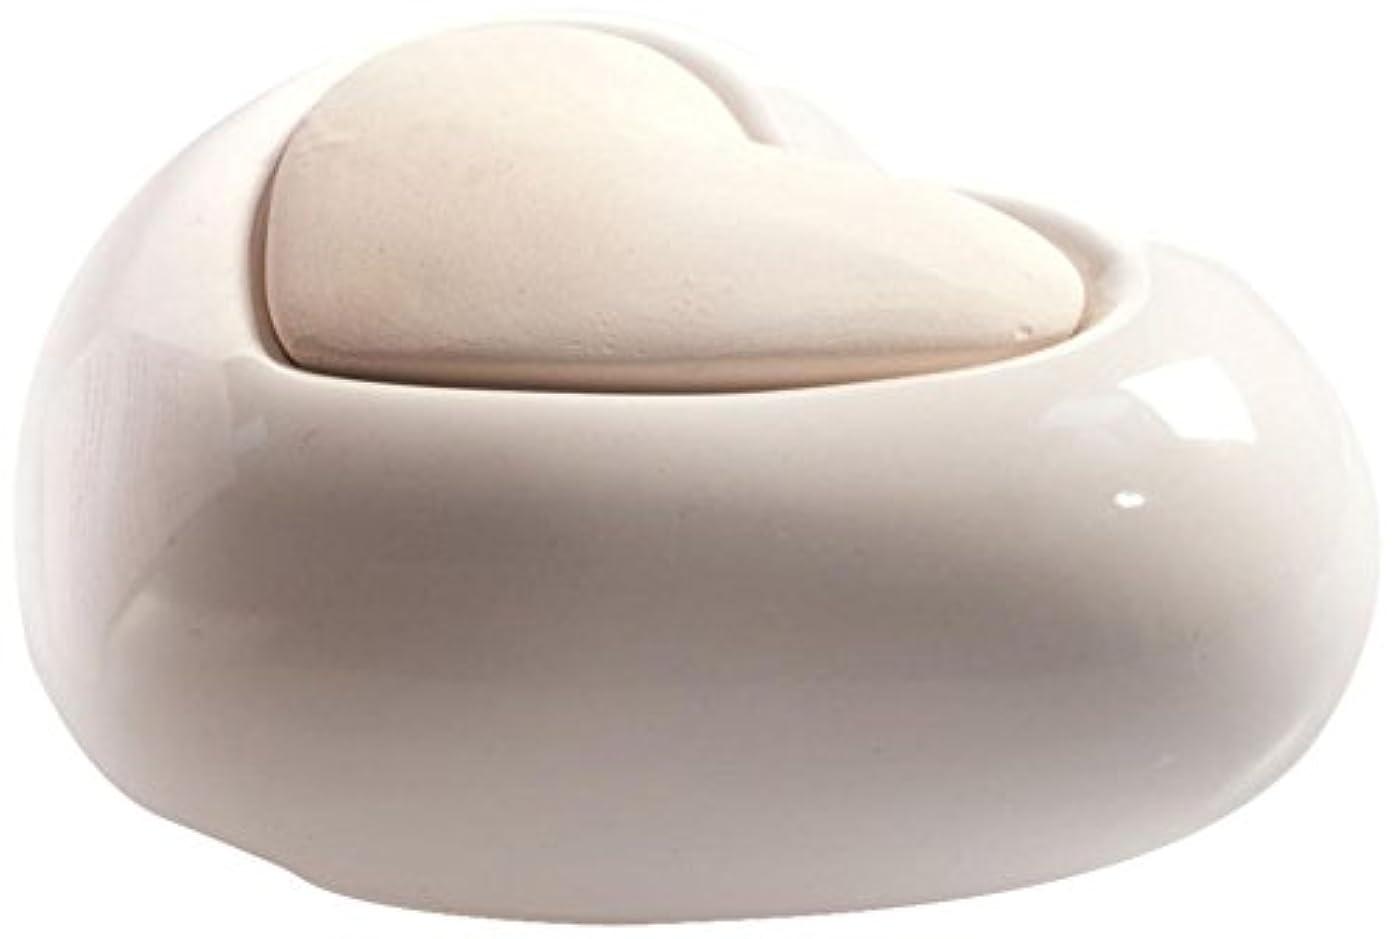 スポーツをする適度に高尚なMillefiori HEART ルームフレグランス用 ハート型セラミックディフューザー ホワイト LDIF-CM-001